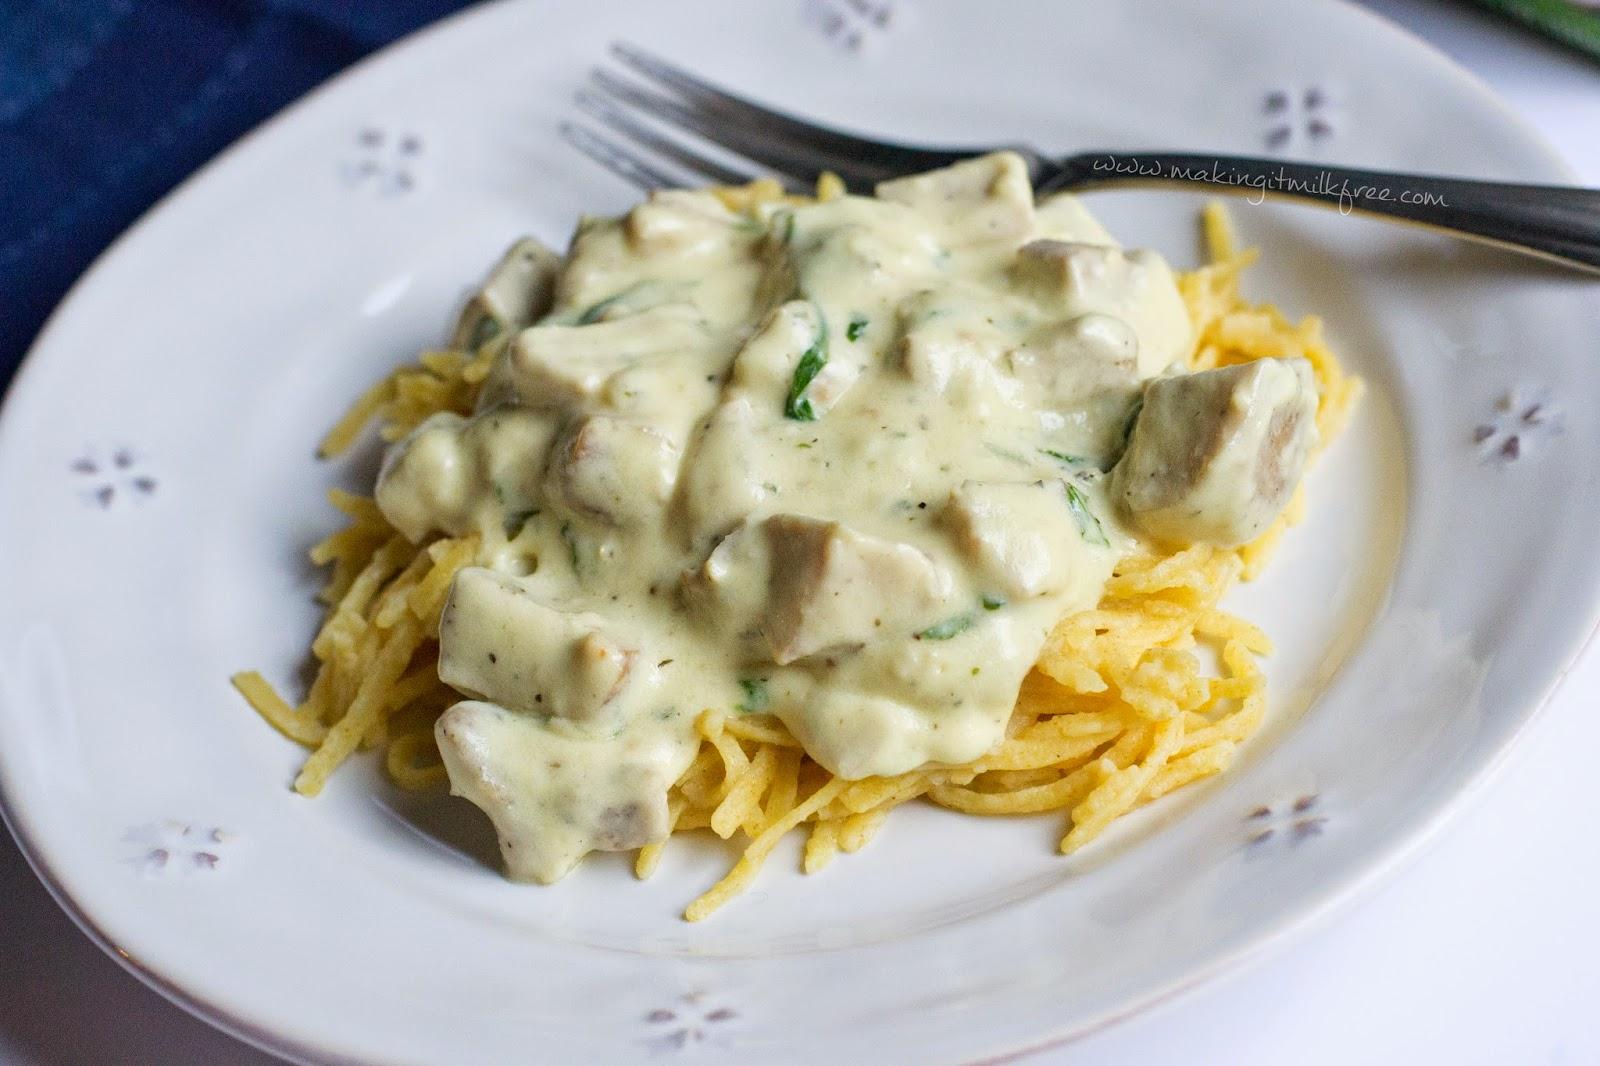 #dairyfree #glutenfree #chicken #alfredo #pasta